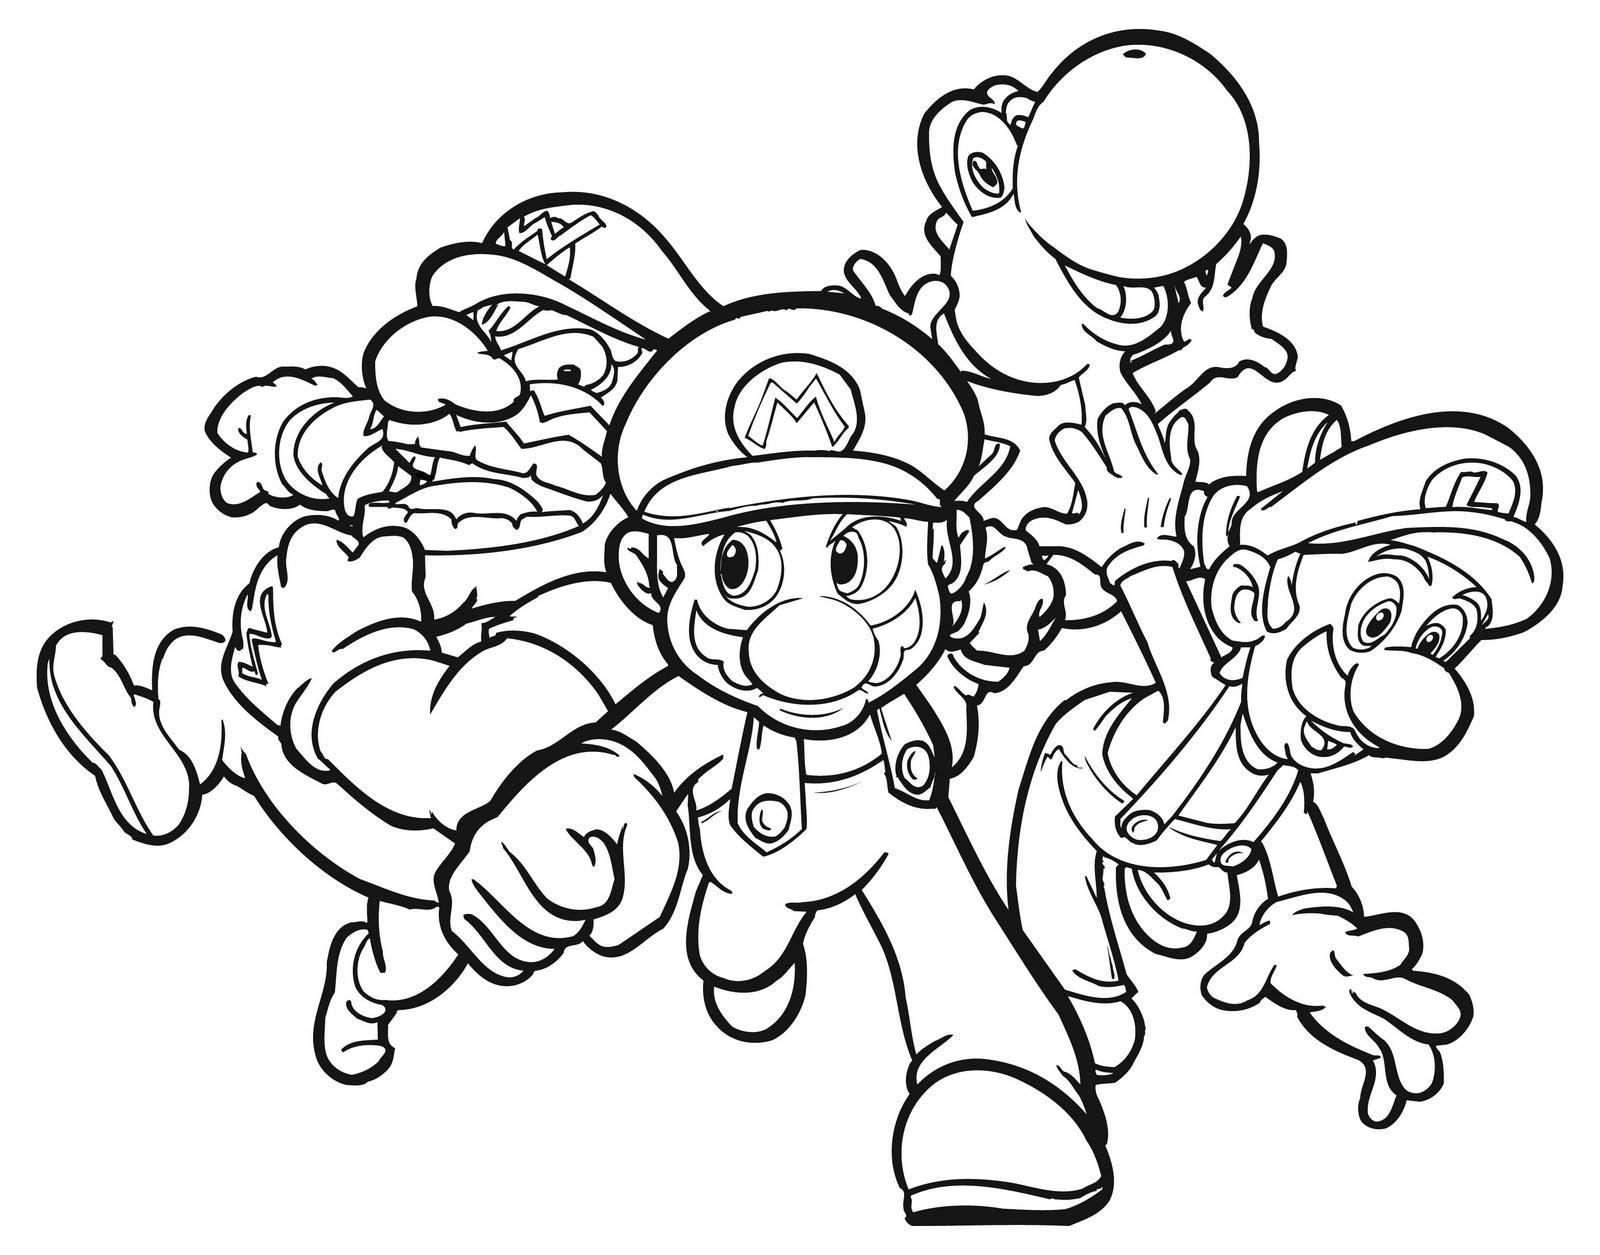 Tranh tô màu Mario